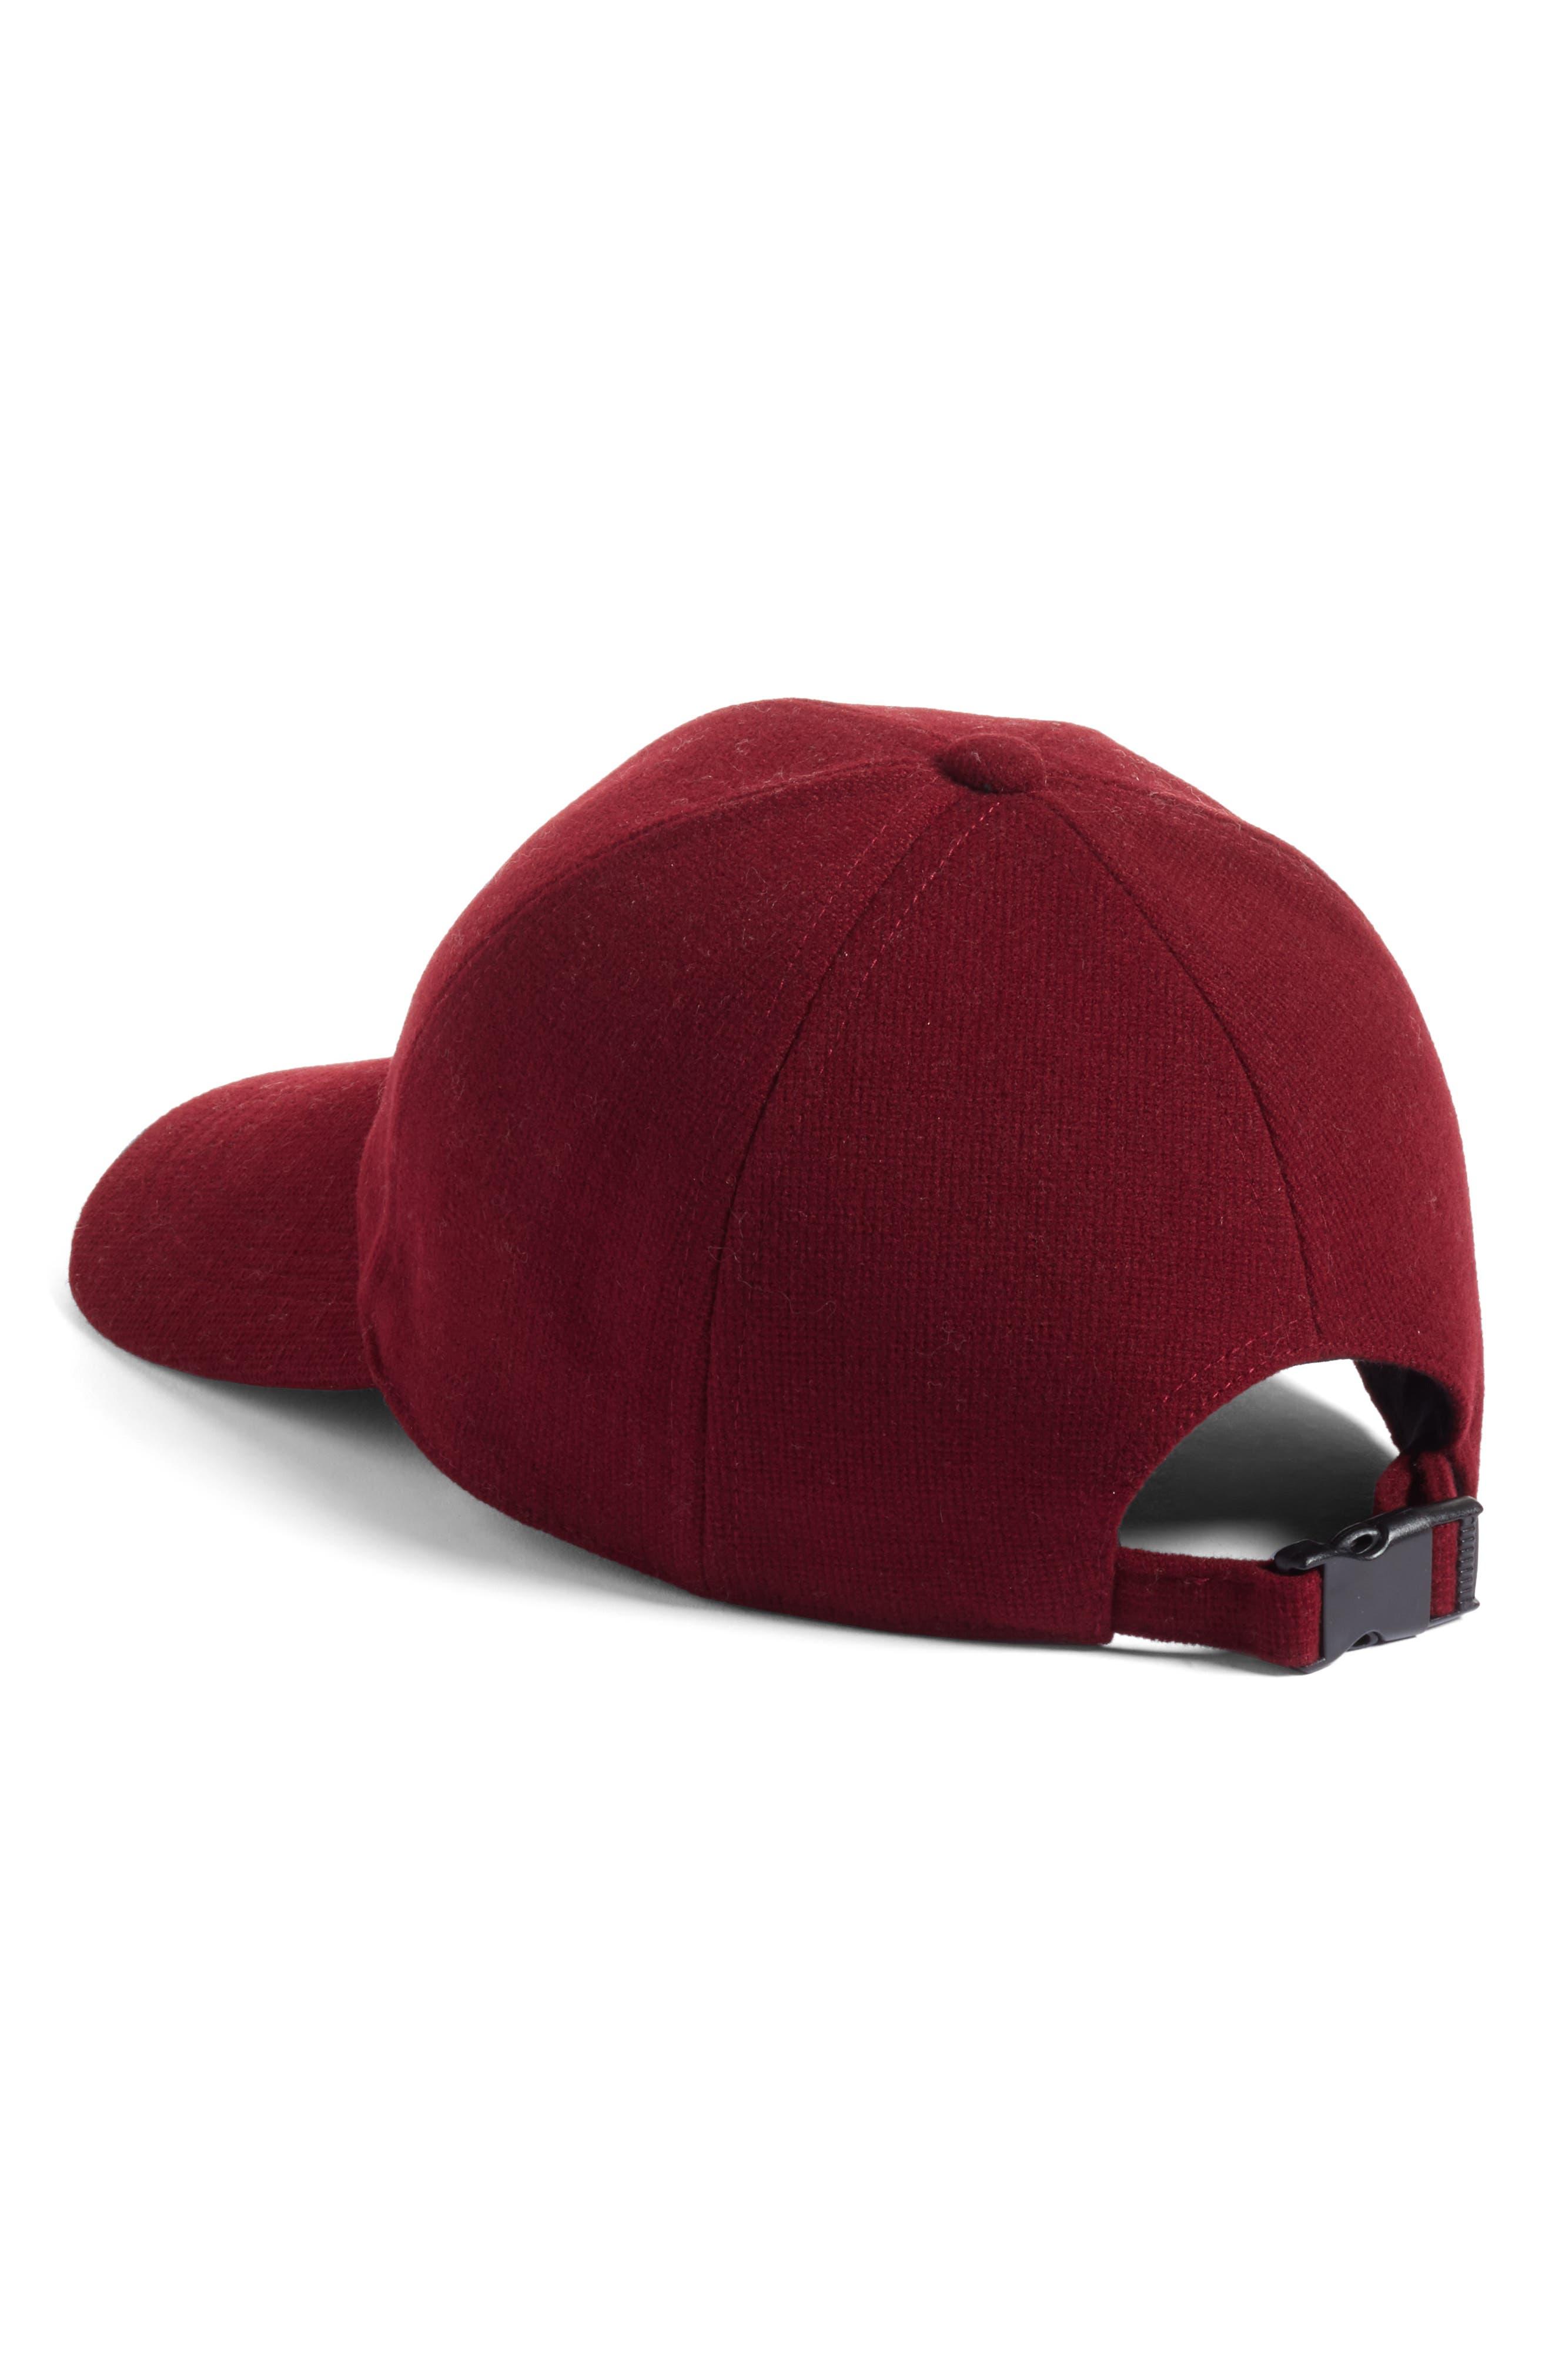 Alternate Image 2  - Treasure & Bond Adjustable Baseball Cap